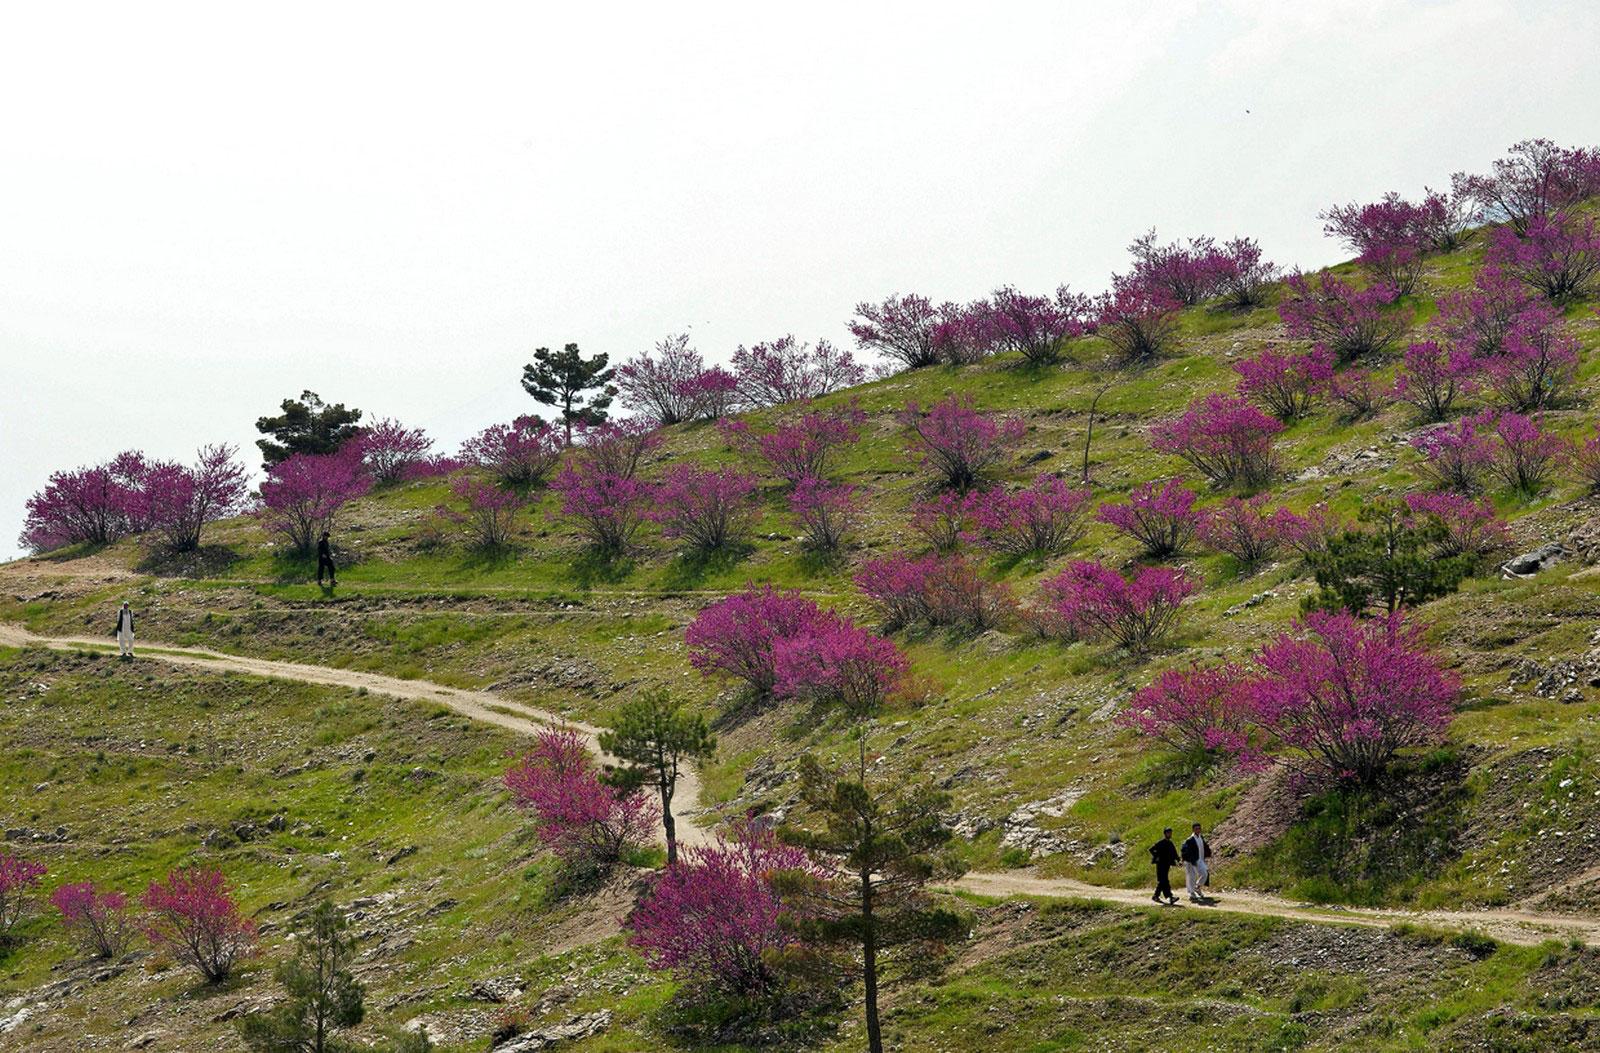 Люди проходят мимо цветущих деревьев